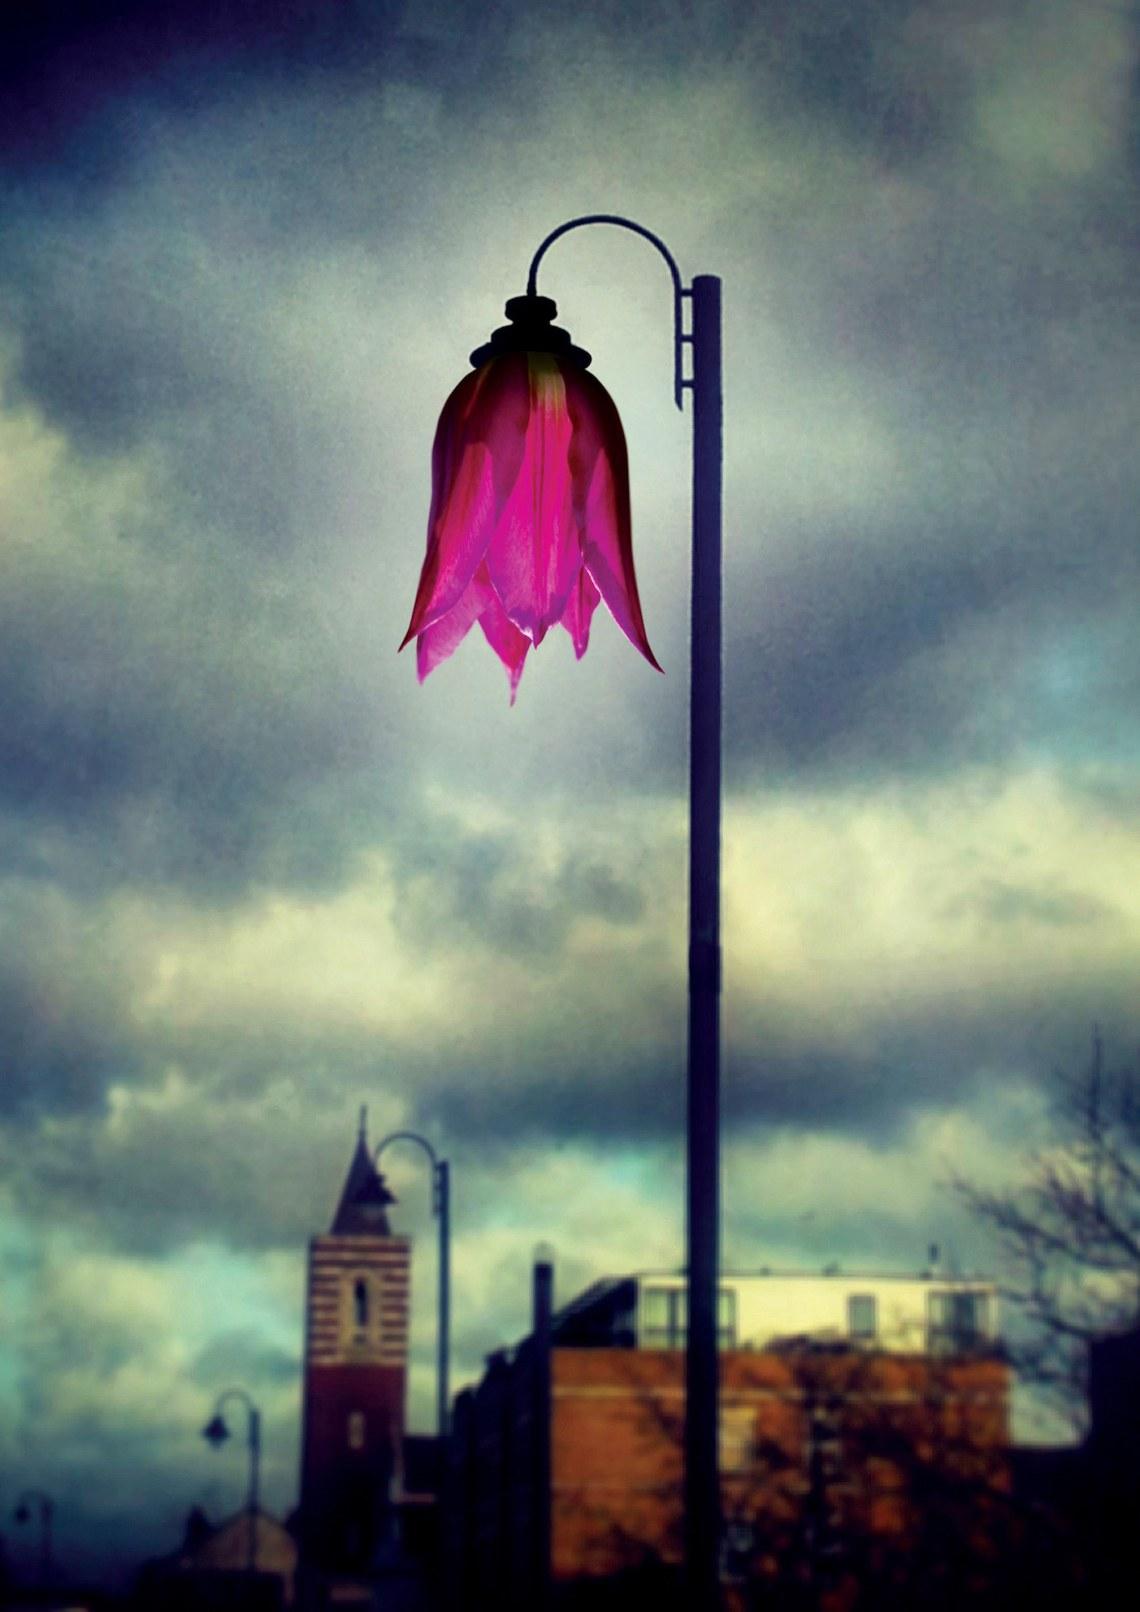 FLOWER STREET LAMP-POSTER